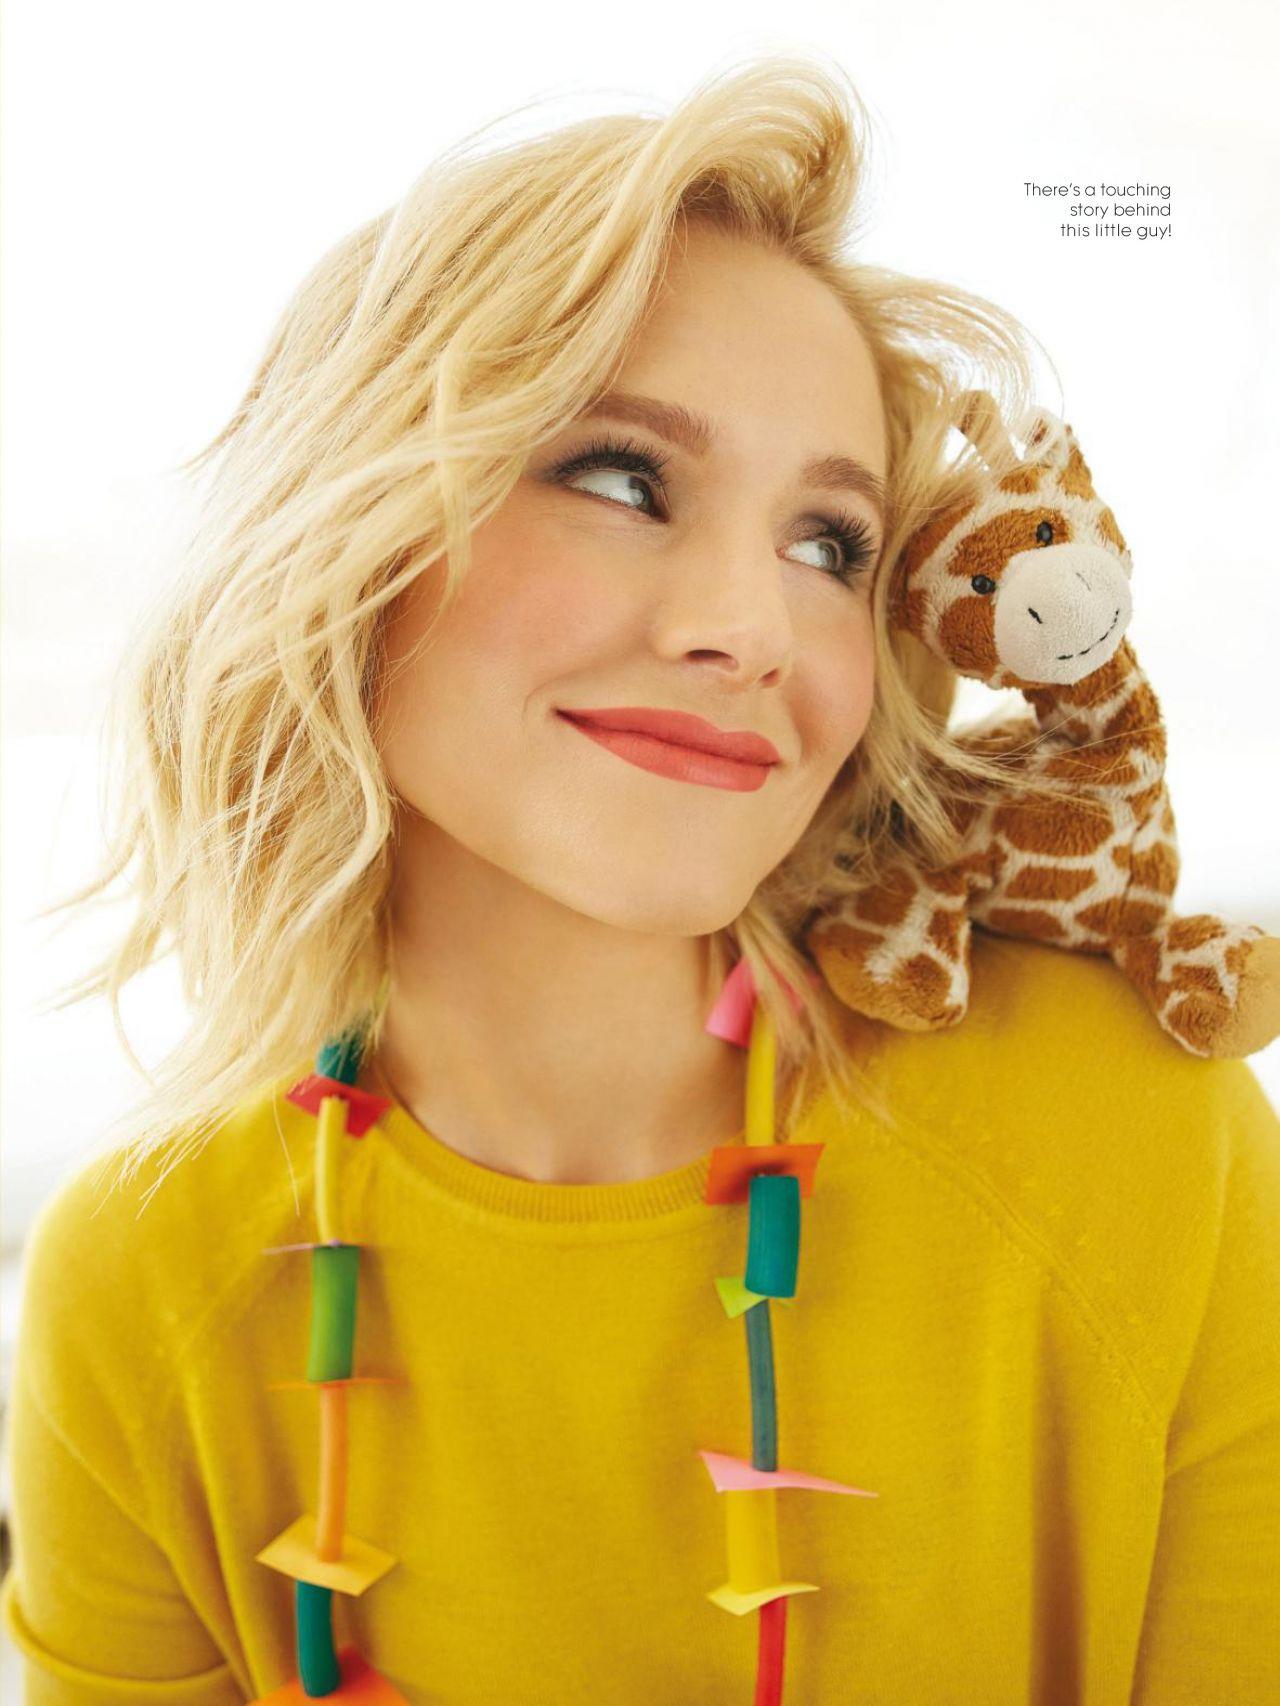 Celebrities Trands Kristen Bell Parents Magazine Usa